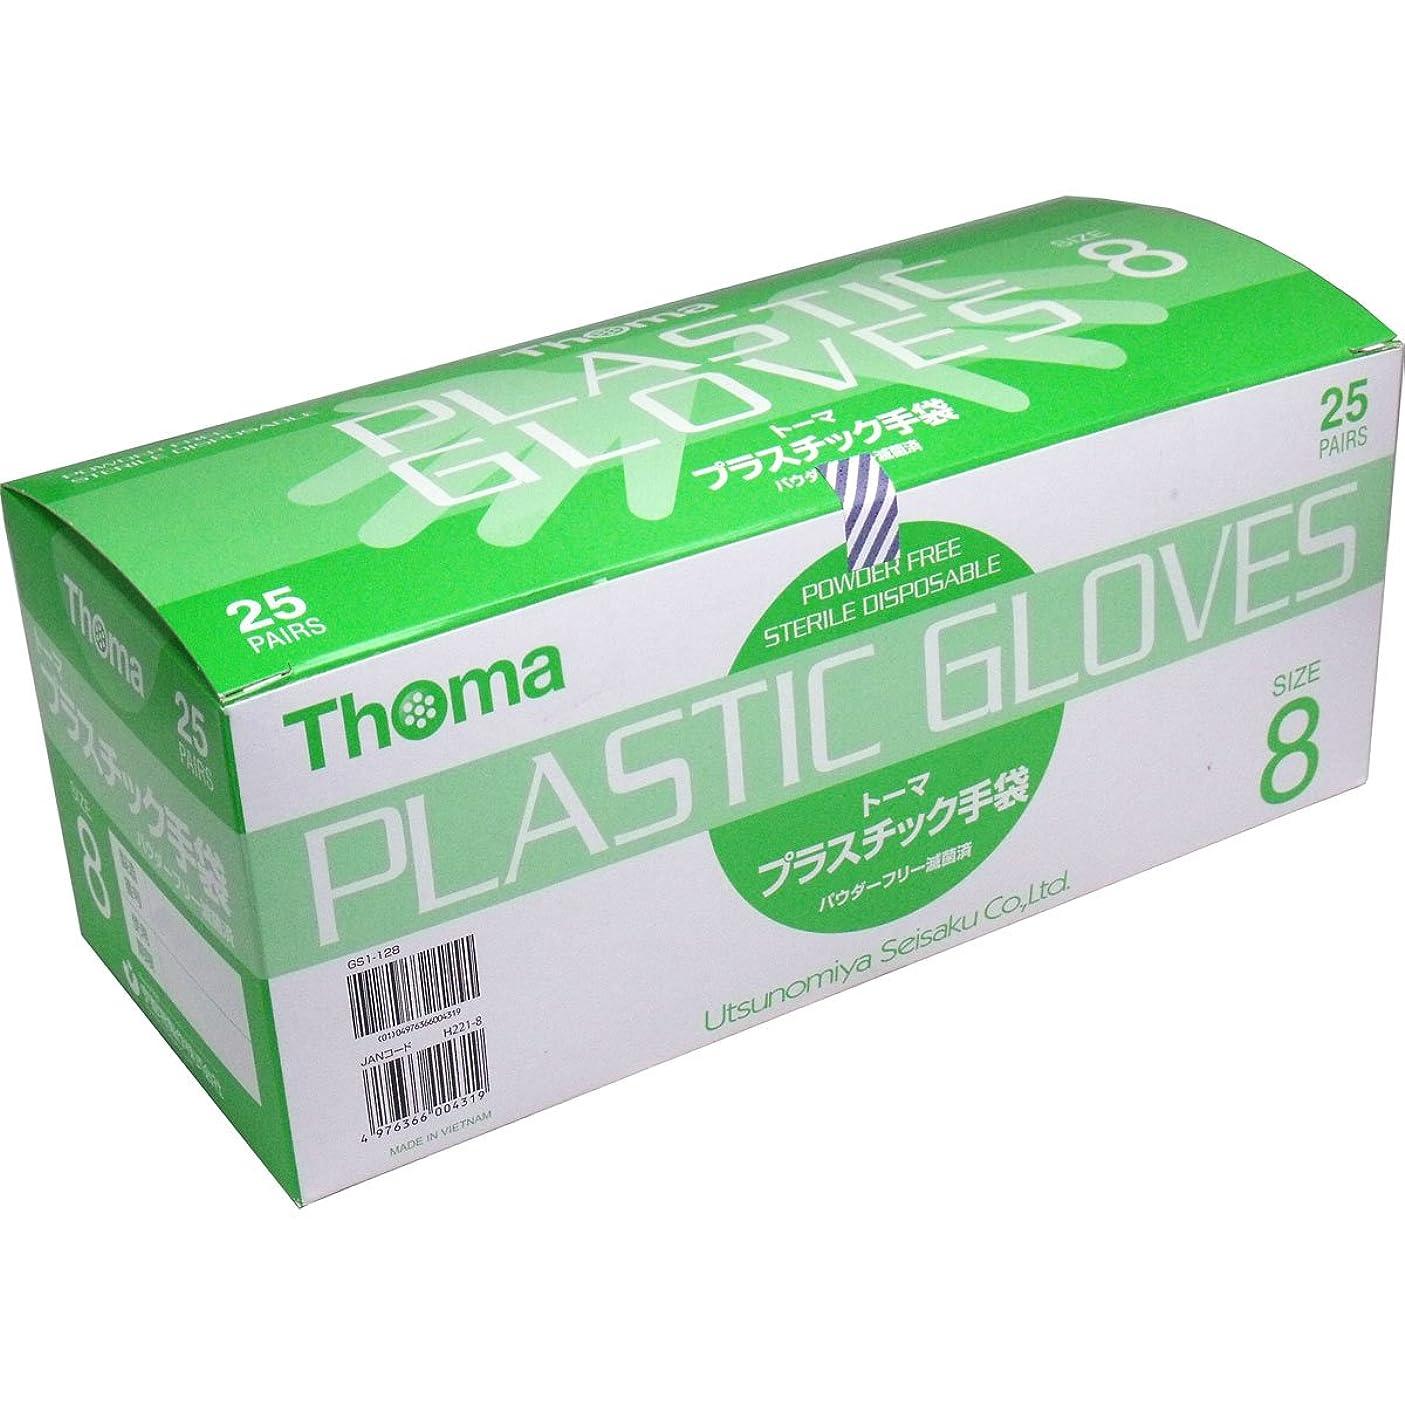 終わらせるバイナリランチョンポリ塩化ビニル製 手袋 1双毎に滅菌包装、衛生的 人気商品 トーマ プラスチック手袋 パウダーフリー滅菌済 25双入 サイズ8【5個セット】